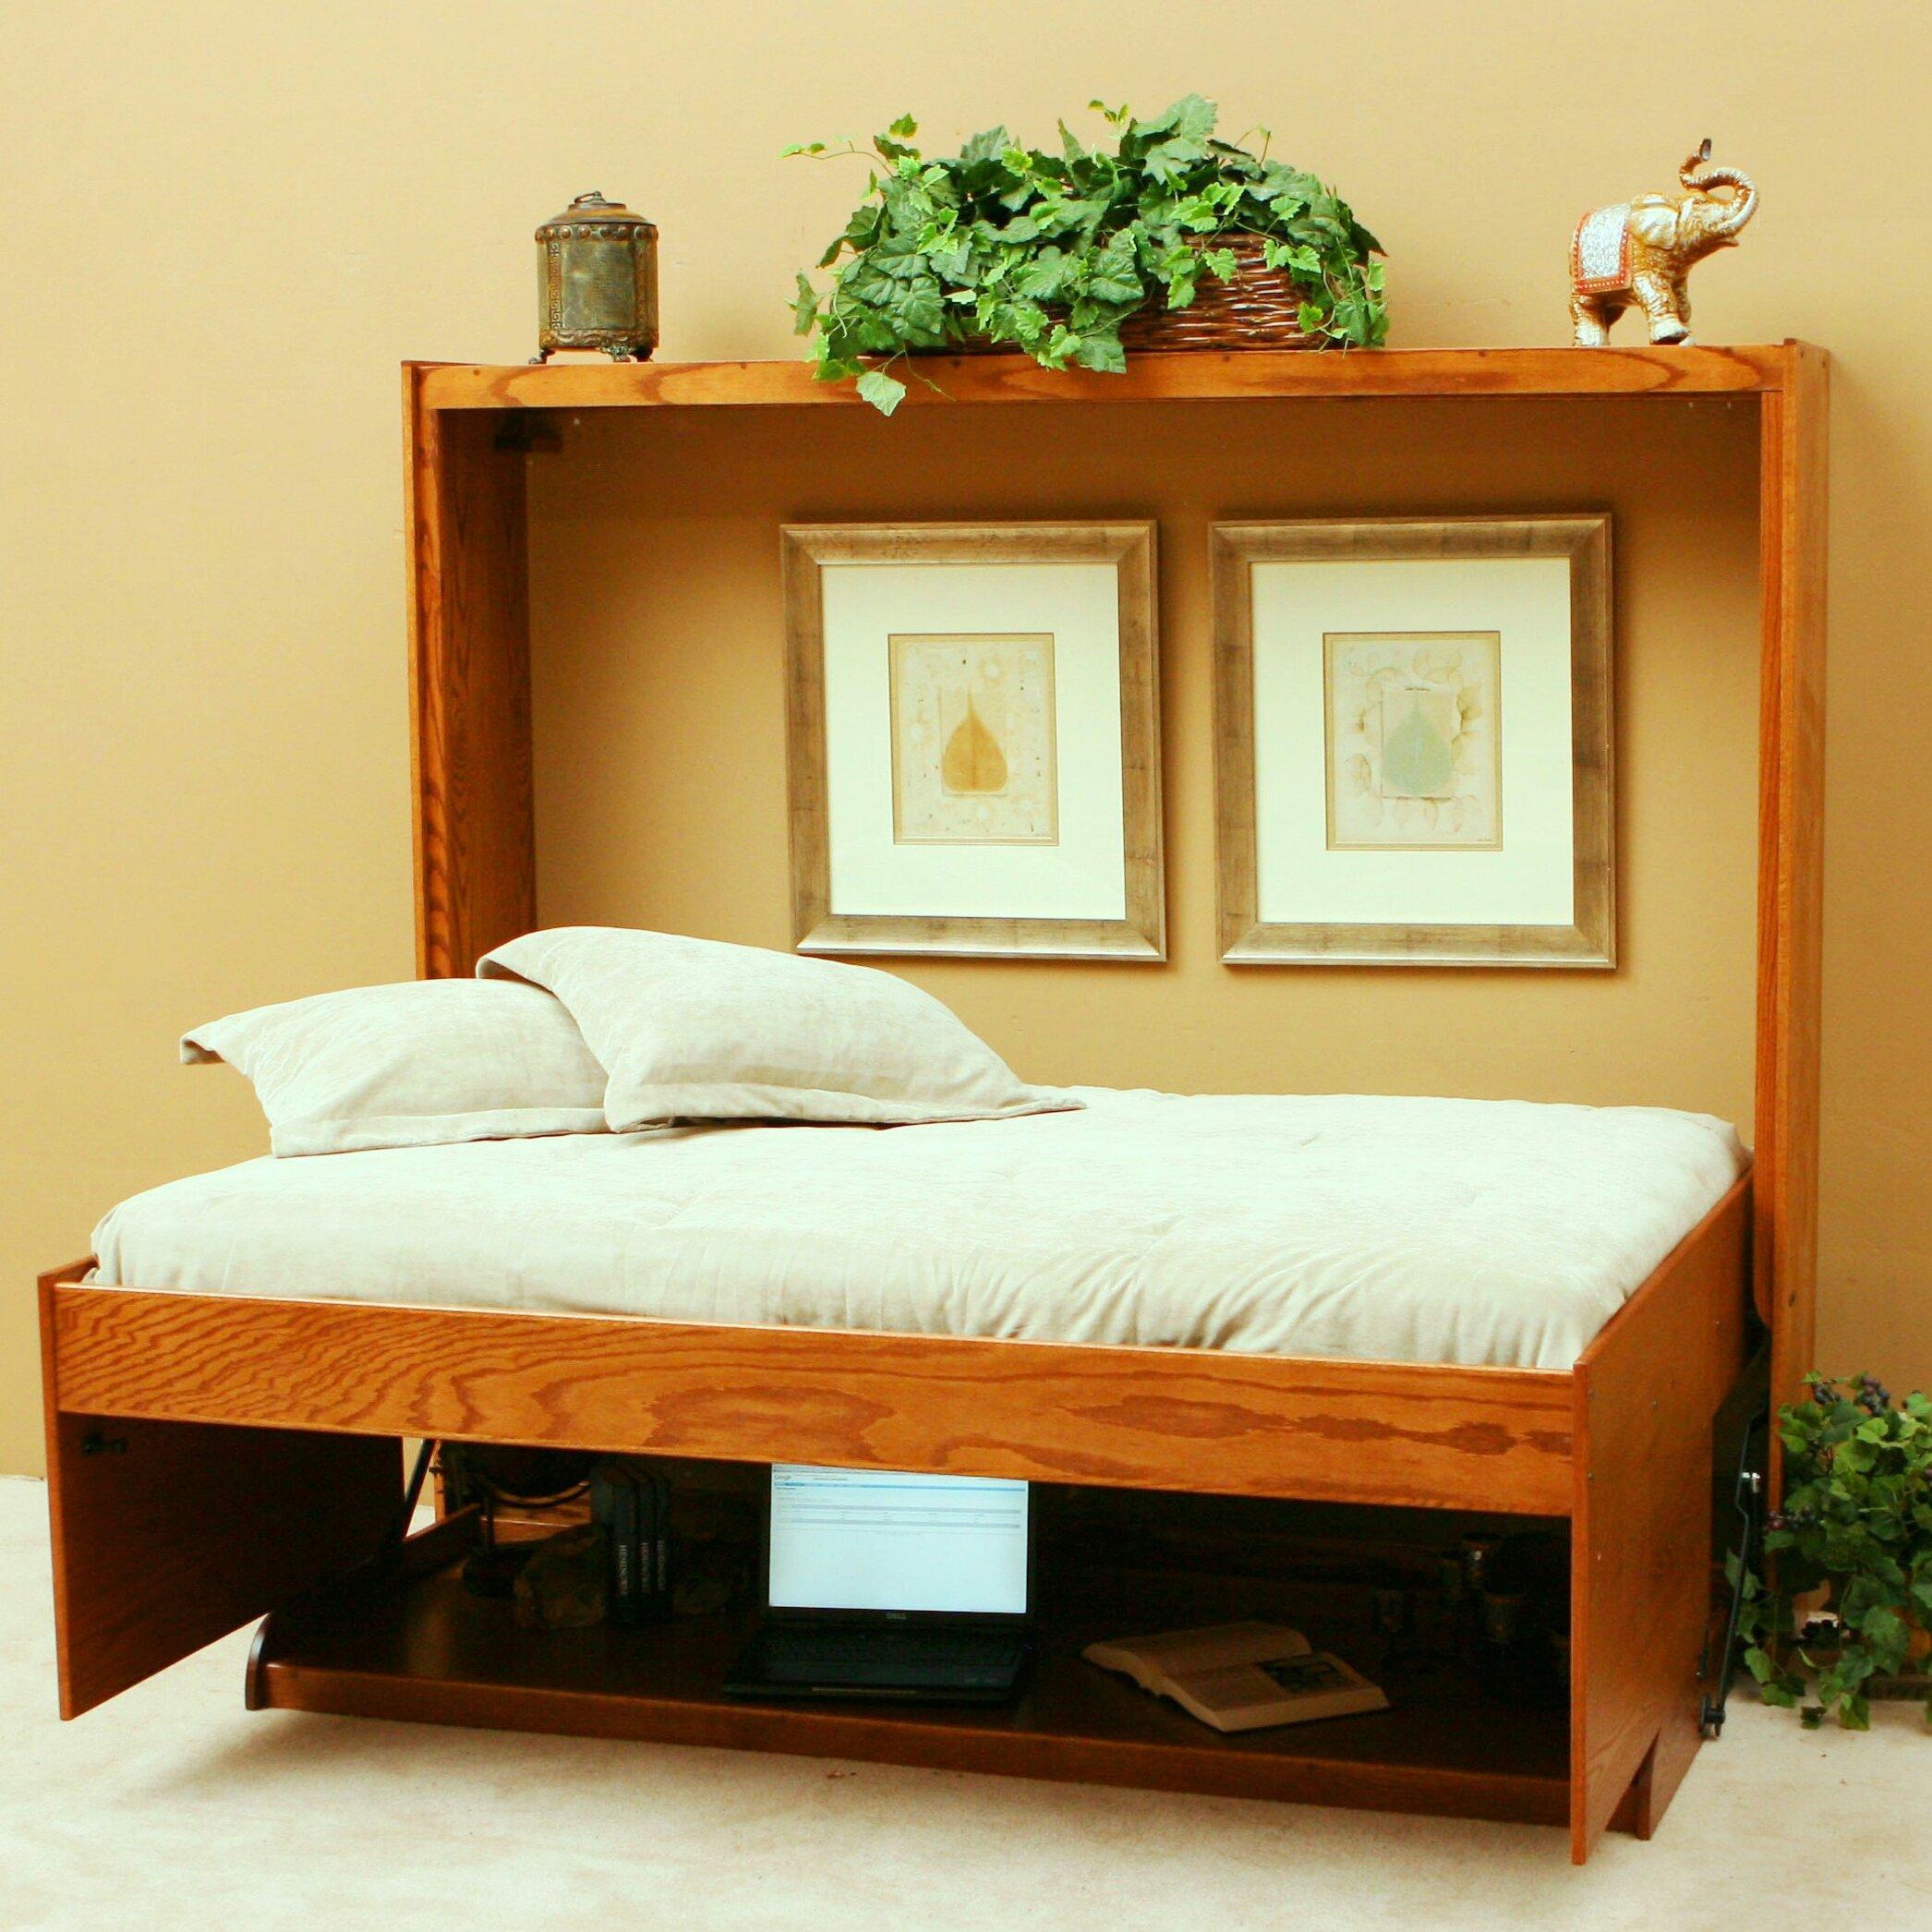 Hidden Bedroom Door Double Bed Bedroom Wooden Accent Wall Bedroom Aesthetically Pleasing Bedroom: Wallbeds Full/Double Murphy Bed & Reviews